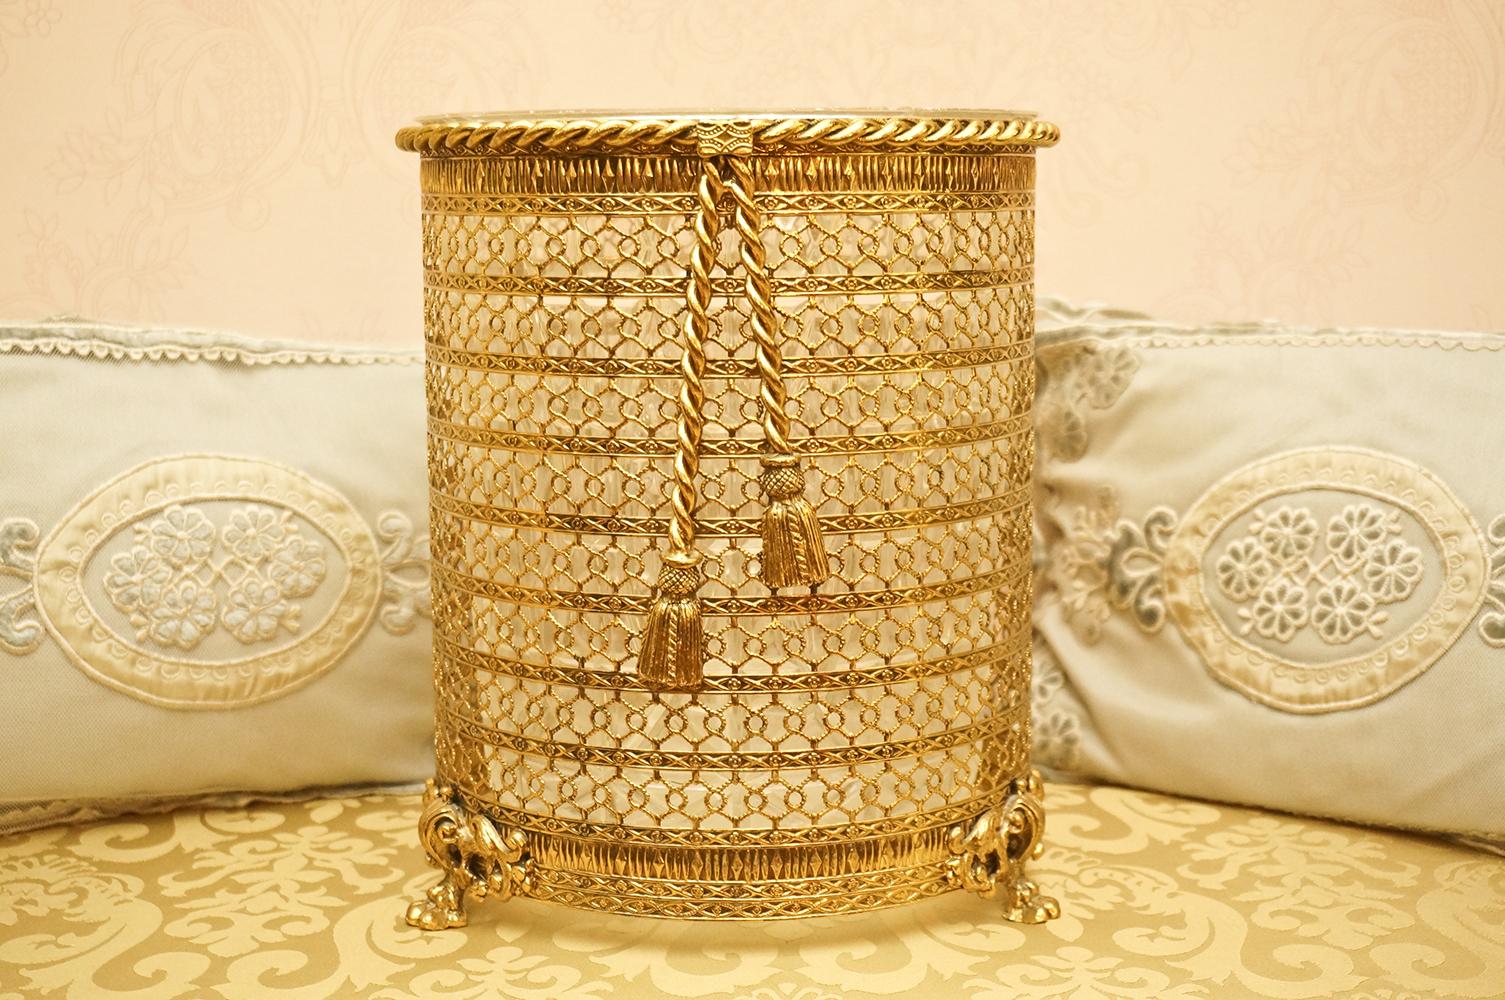 Sold: スタイルビルト ゴールド ロープ透かし ゴミ箱